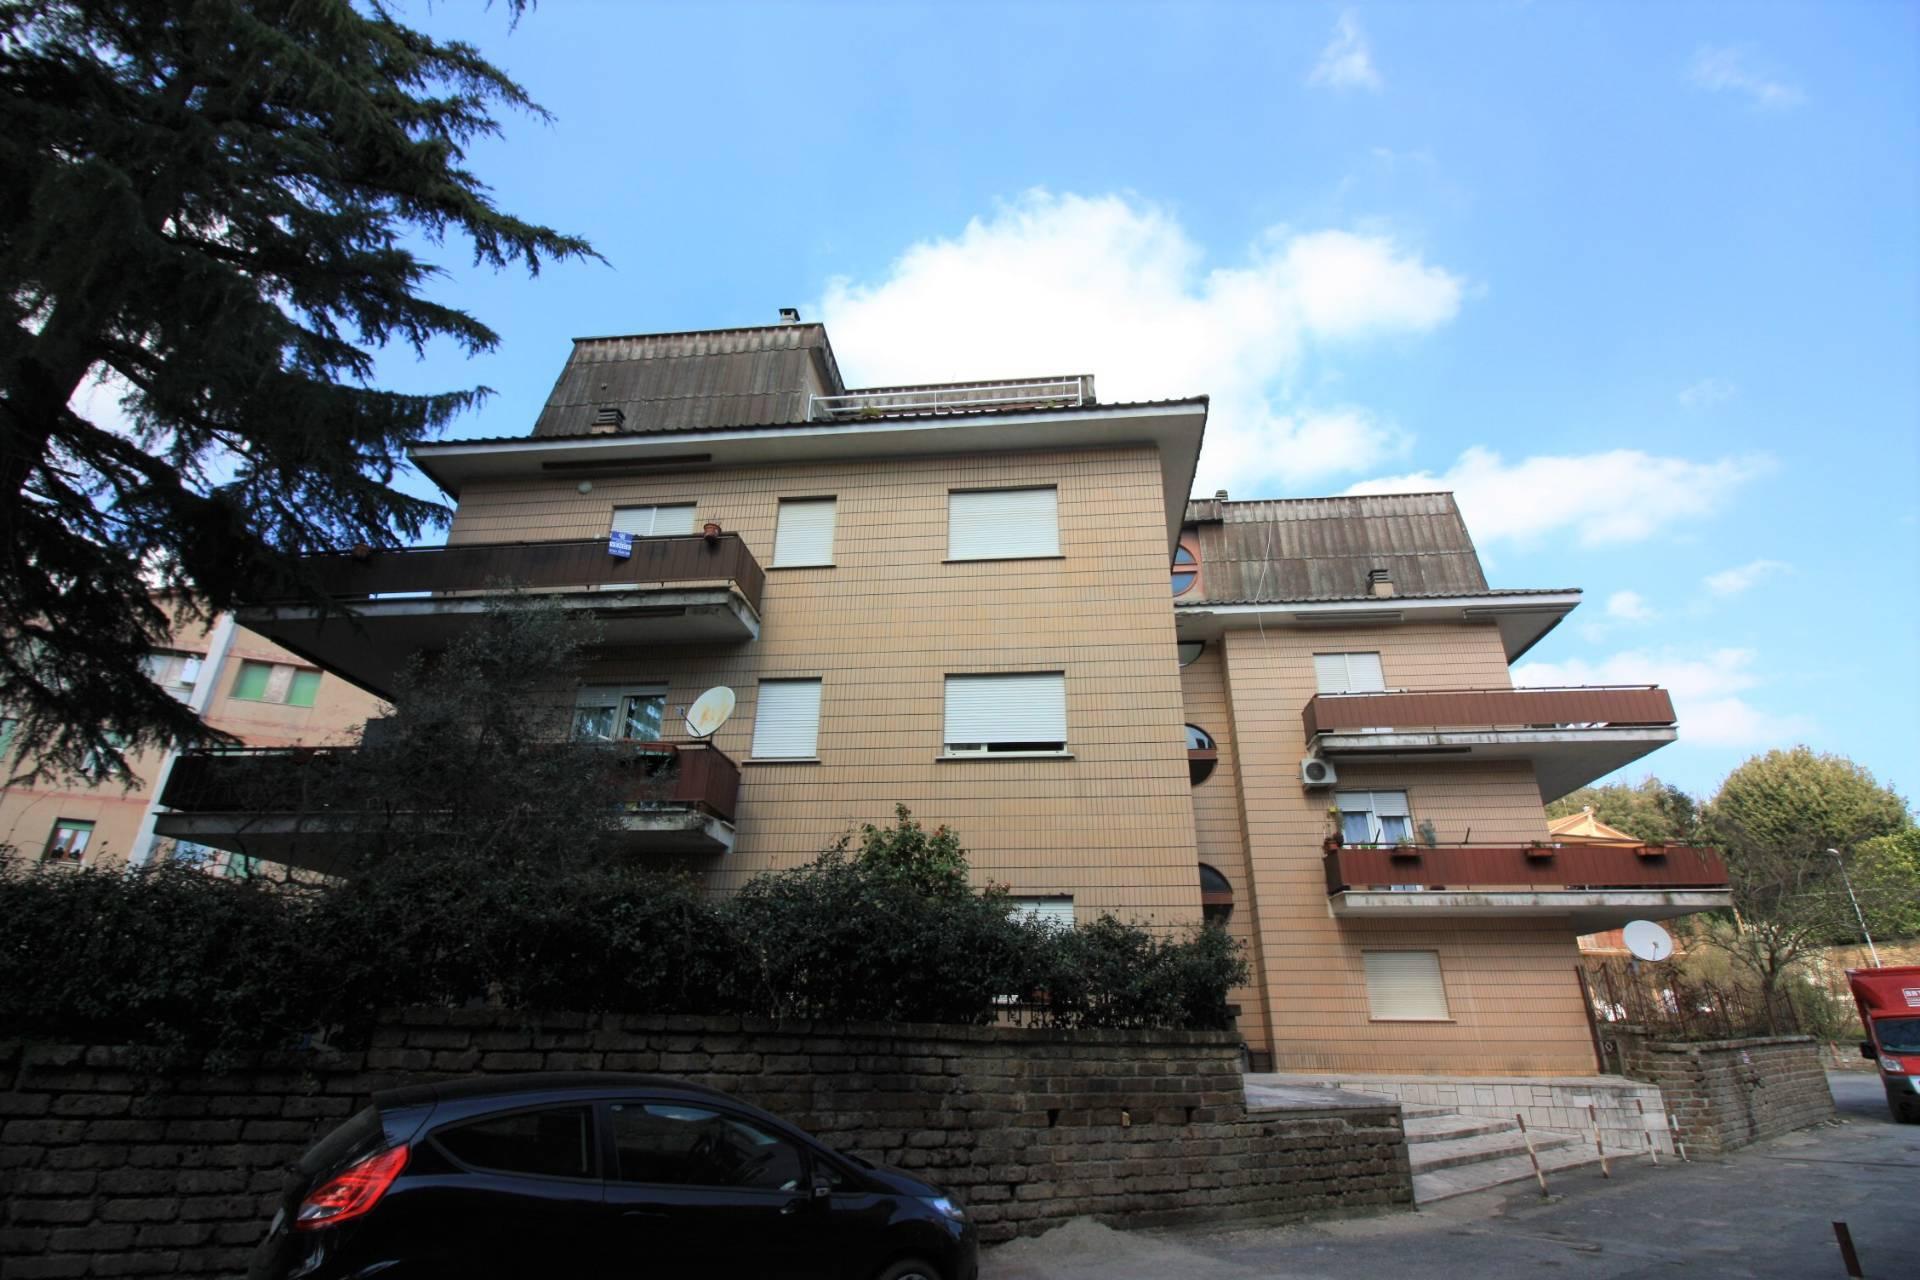 Appartamento in vendita a Ronciglione, 5 locali, zona Località: semi-centrale, prezzo € 75.000 | CambioCasa.it